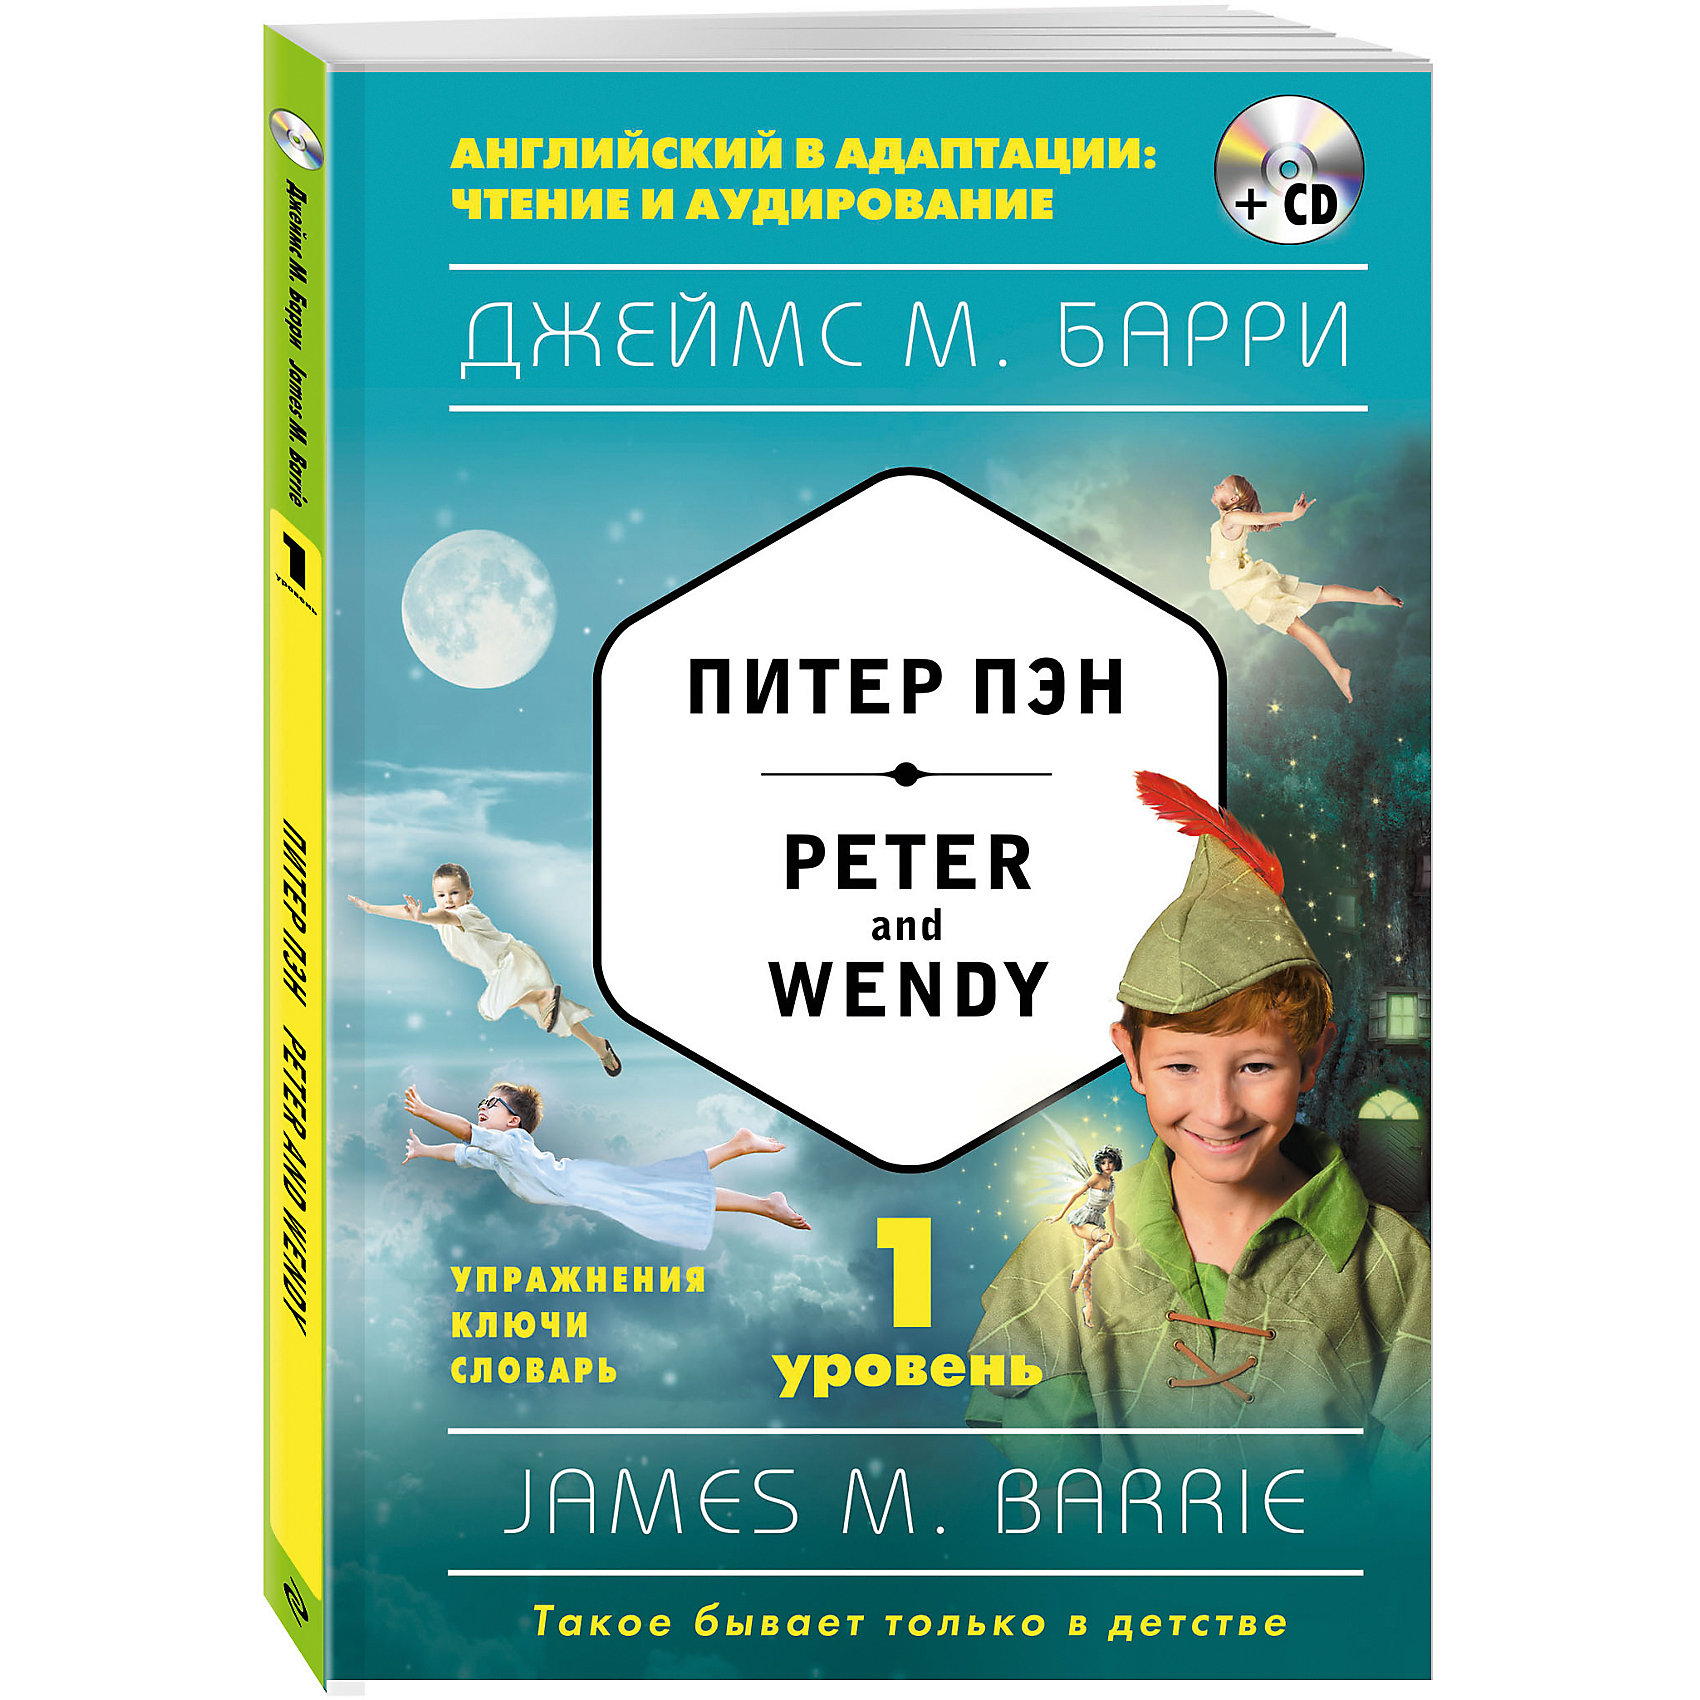 Питер Пэн +CD, 1-й уровеньЭксмо<br>Знаменитая история о мальчике, который не хотел взрослеть, и его удивительных приключениях теперь доступна для всех! Даже те, кто только начинает изучать английский, легко прочитают адаптированный текст и уследят за всеми перипетиями сюжета.<br>Серия «Английский в адаптации: чтение и аудирование» – это тексты для начинающих, продолжающих и продвинутых. Теперь каждый изучающий английский может выбрать свой уровень и своих авторов и совершенствовать свой английский с лучшими произведениями англоязычной литературы! Читая и слушая текст на диске, а также выполняя упражнения на чтение, аудирование и новую лексику, читатели качественно улучшат свой английский. Они станут лучше воспринимать английскую речь на слух, и работа с текстами станет эффективнее. Аудиозапись начитана носителями языка.<br>Книга предназначена для изучающих английский язык на начальном  уровне.<br><br>Ширина мм: 210<br>Глубина мм: 140<br>Высота мм: 10<br>Вес г: 164<br>Возраст от месяцев: 144<br>Возраст до месяцев: 192<br>Пол: Унисекс<br>Возраст: Детский<br>SKU: 6878166